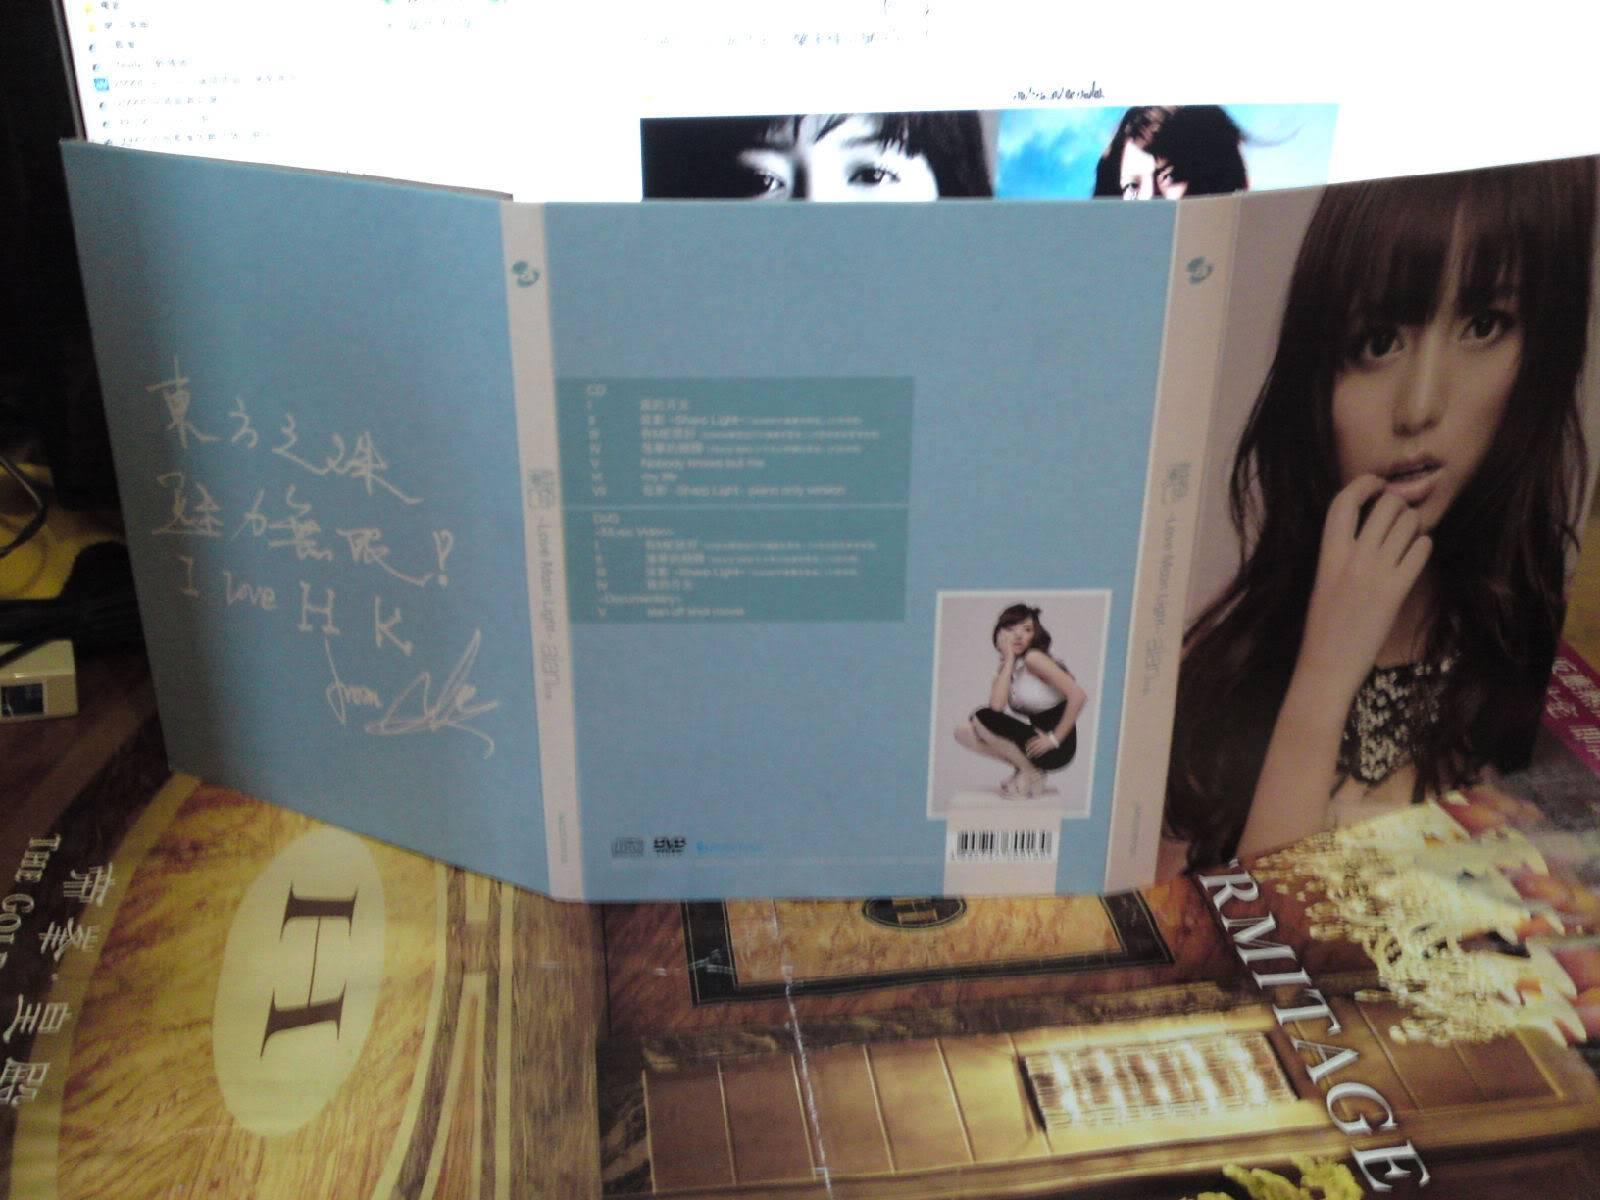 [Official] New Mandarin EP: 蘭色~Love Moon Light~ - Page 8 A2516c02c3907e41728da57e